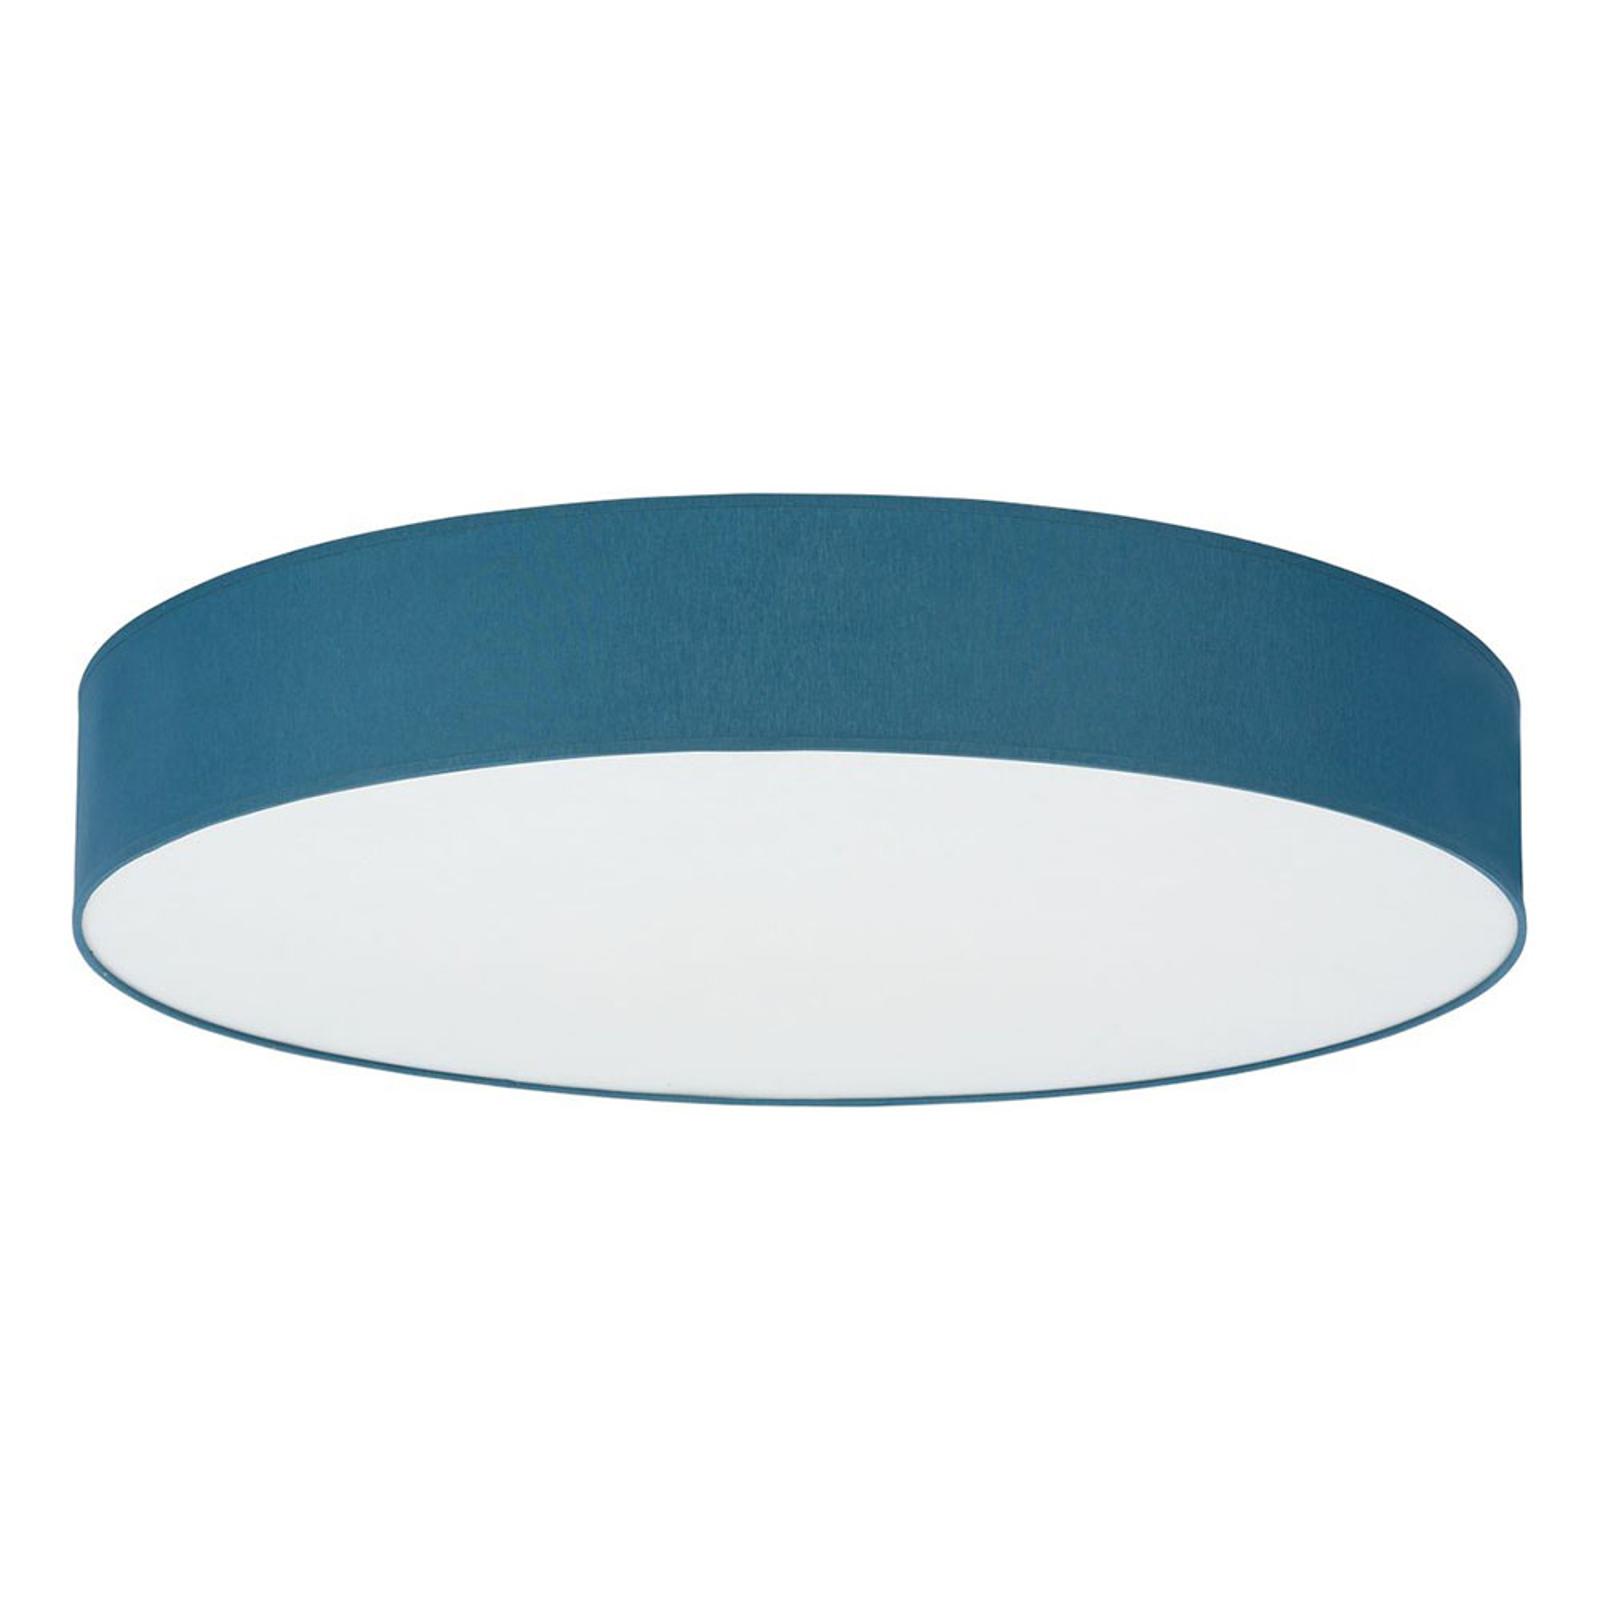 Taklampe Rondo, Ø 80 cm, blå